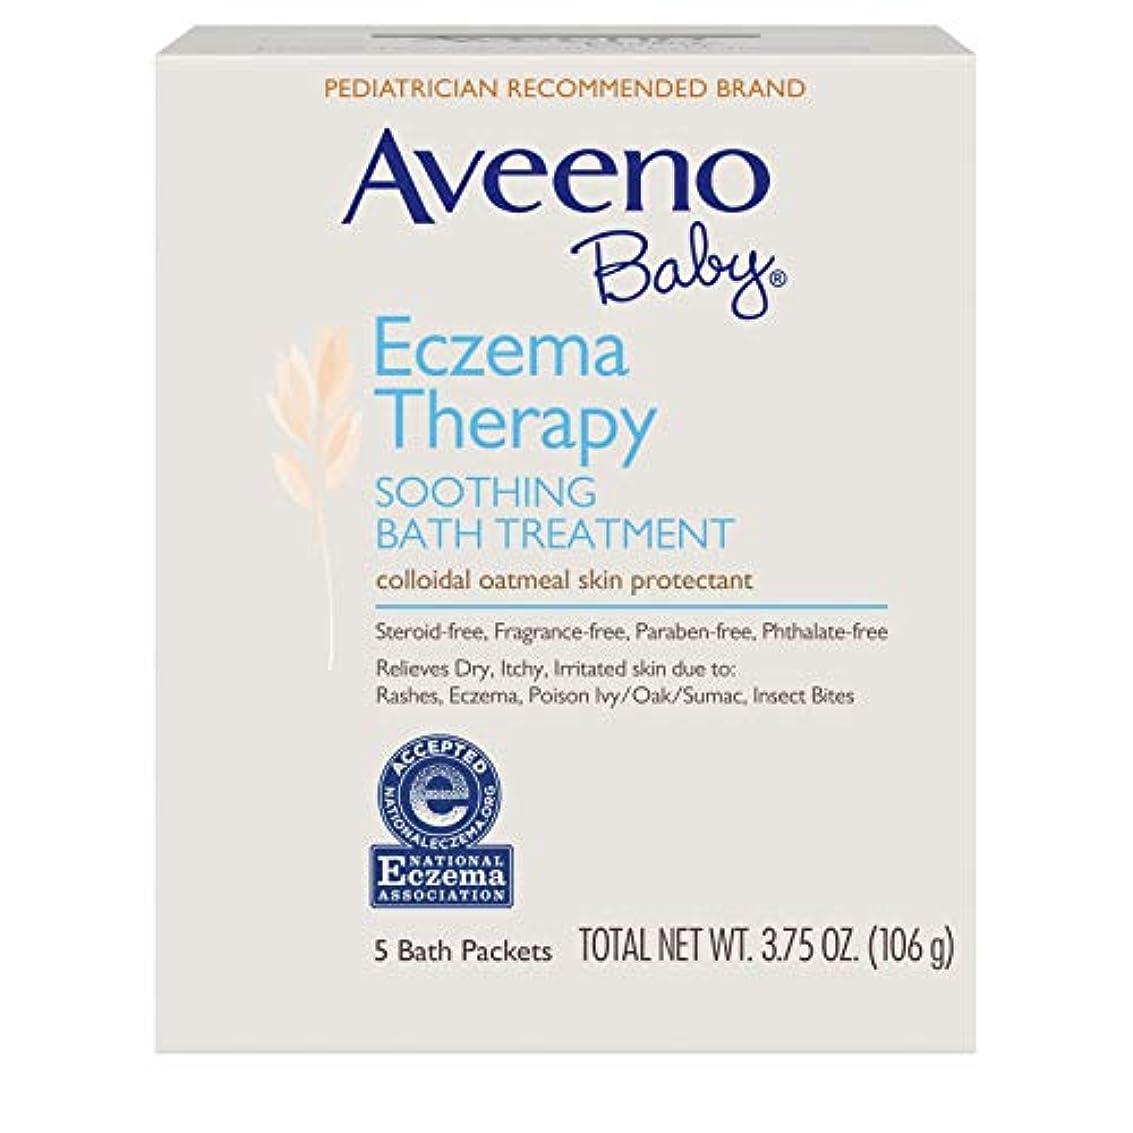 強風工業用キャリア〈海外直送品〉AVEENO® Baby Eczema Therapy SOOTHING BATH TREATMENT - 5パック(106g) アヴィーノ スーシング バストリートメント